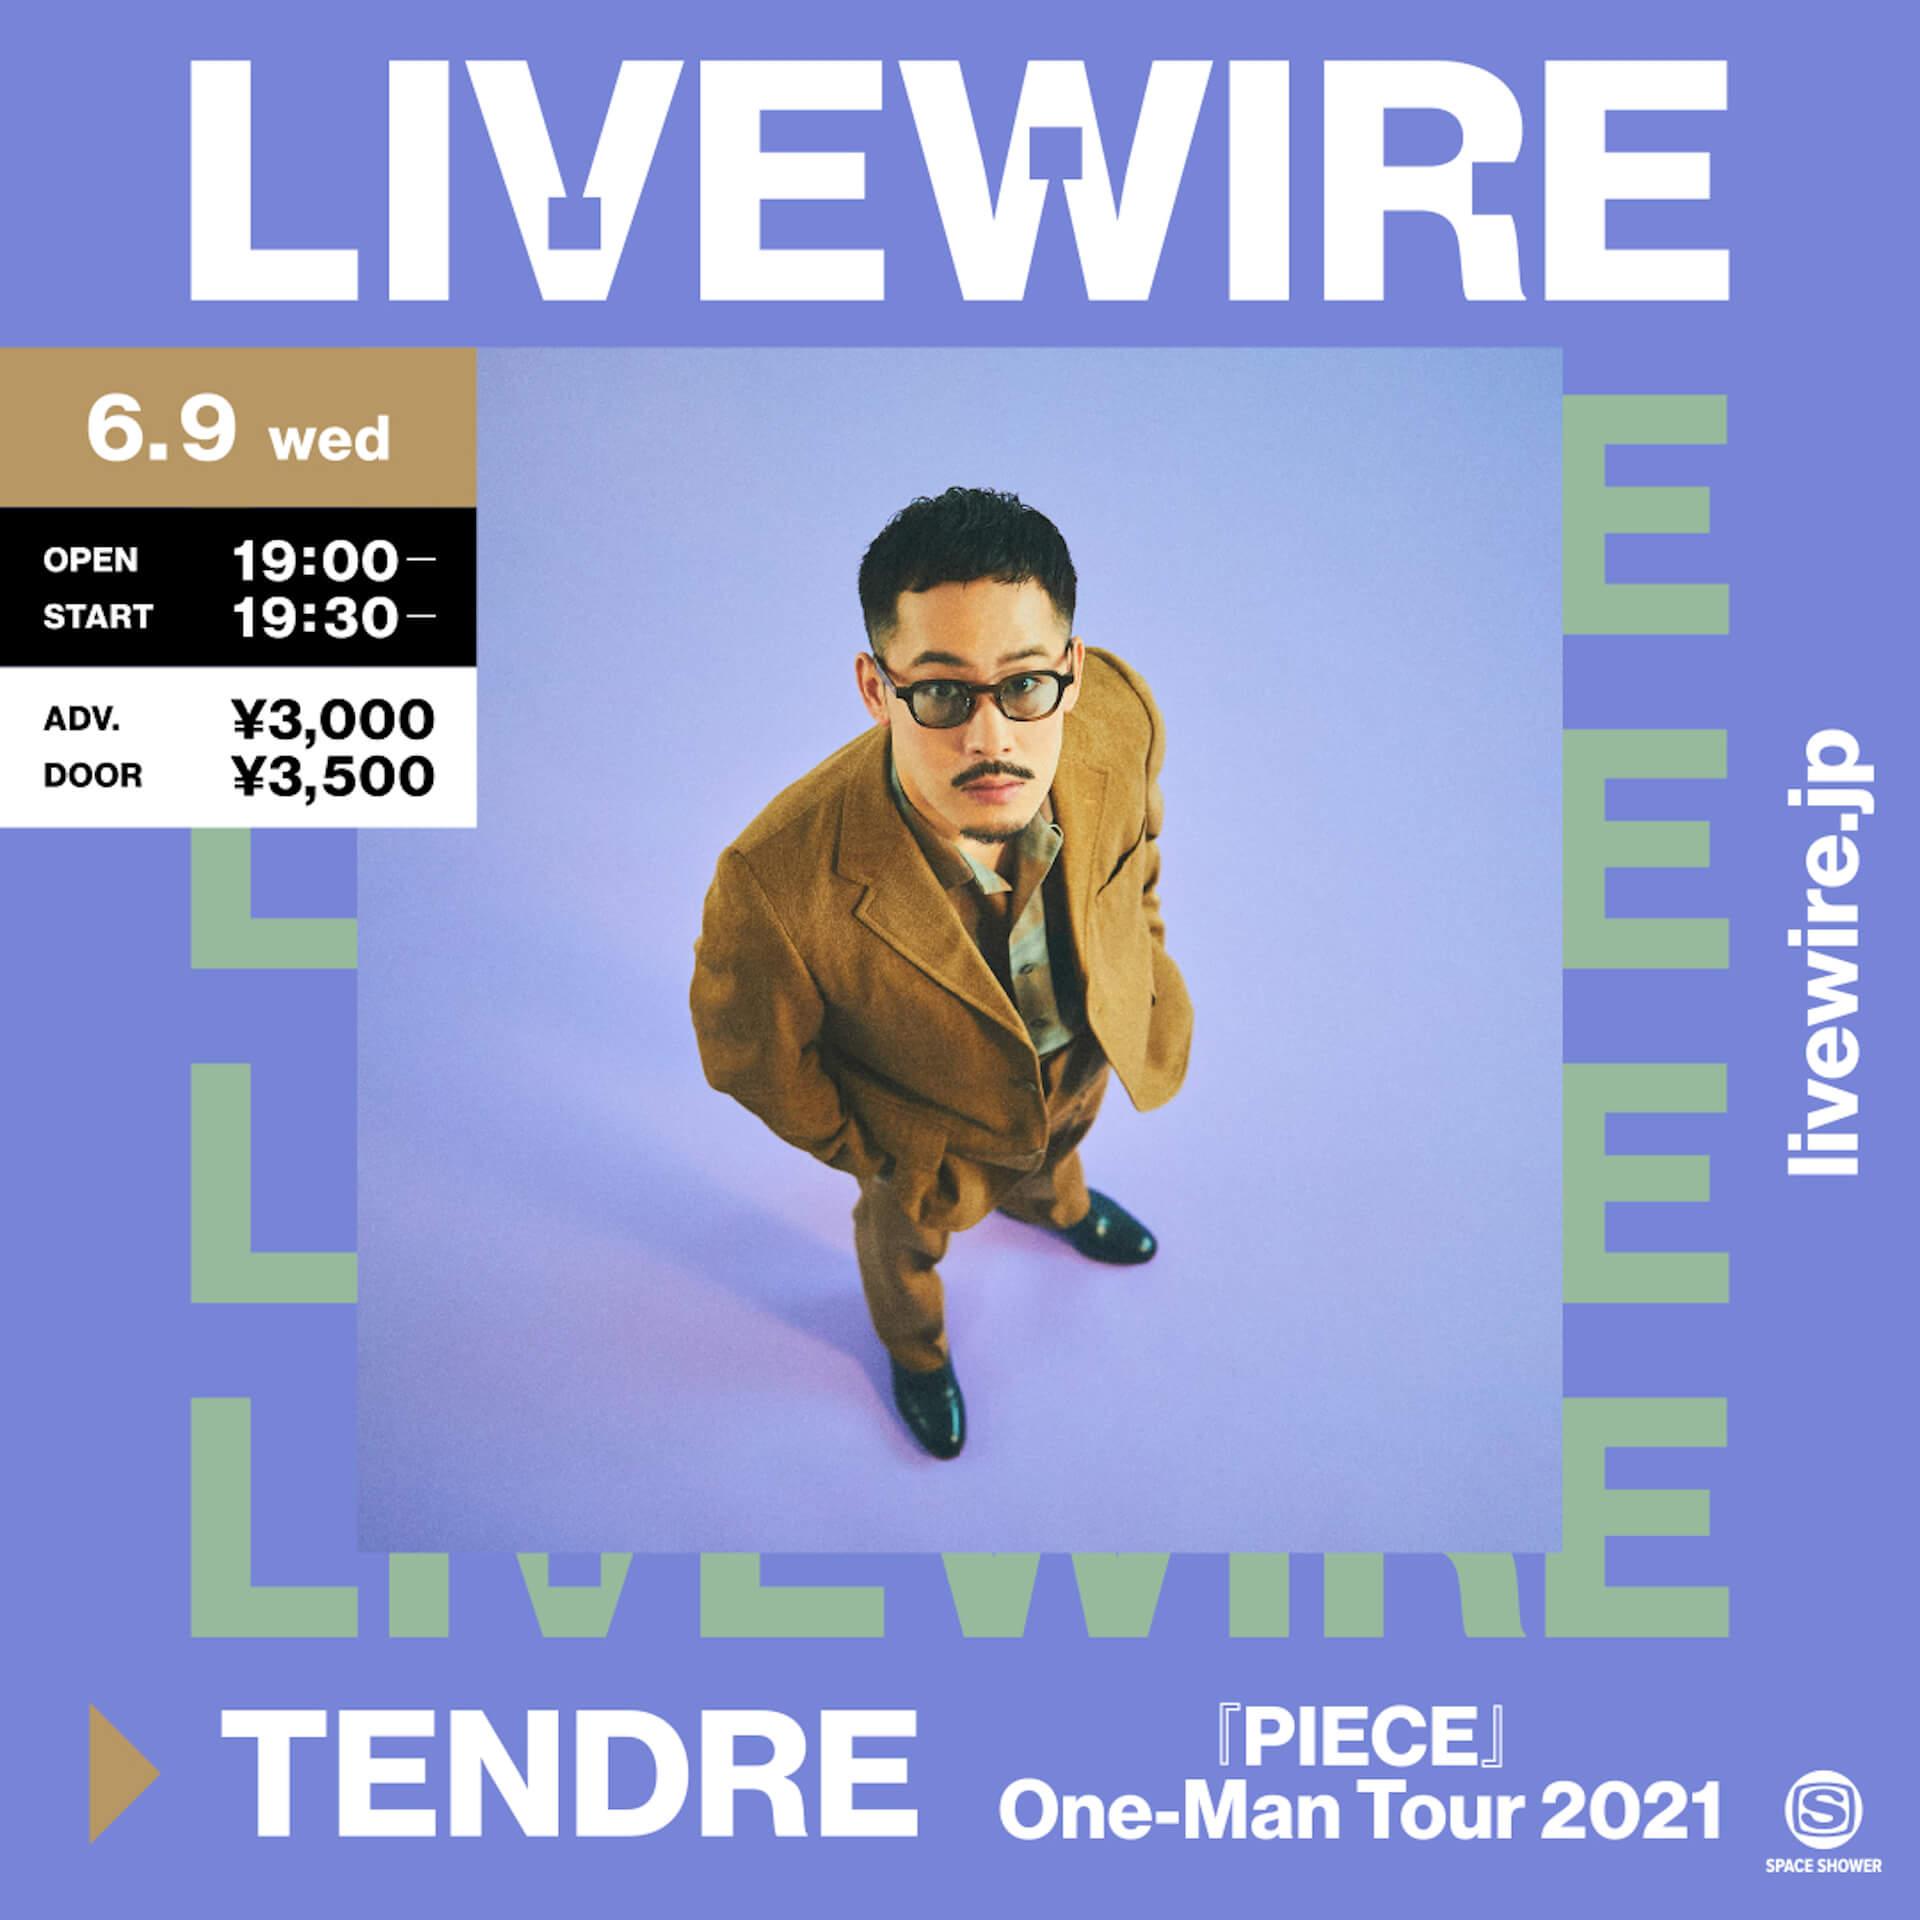 会場チケットソールドアウトで話題のTENDREワンマンツアー東京公演がLIVEWIREで生配信決定! music210525_tendre_livewire_main